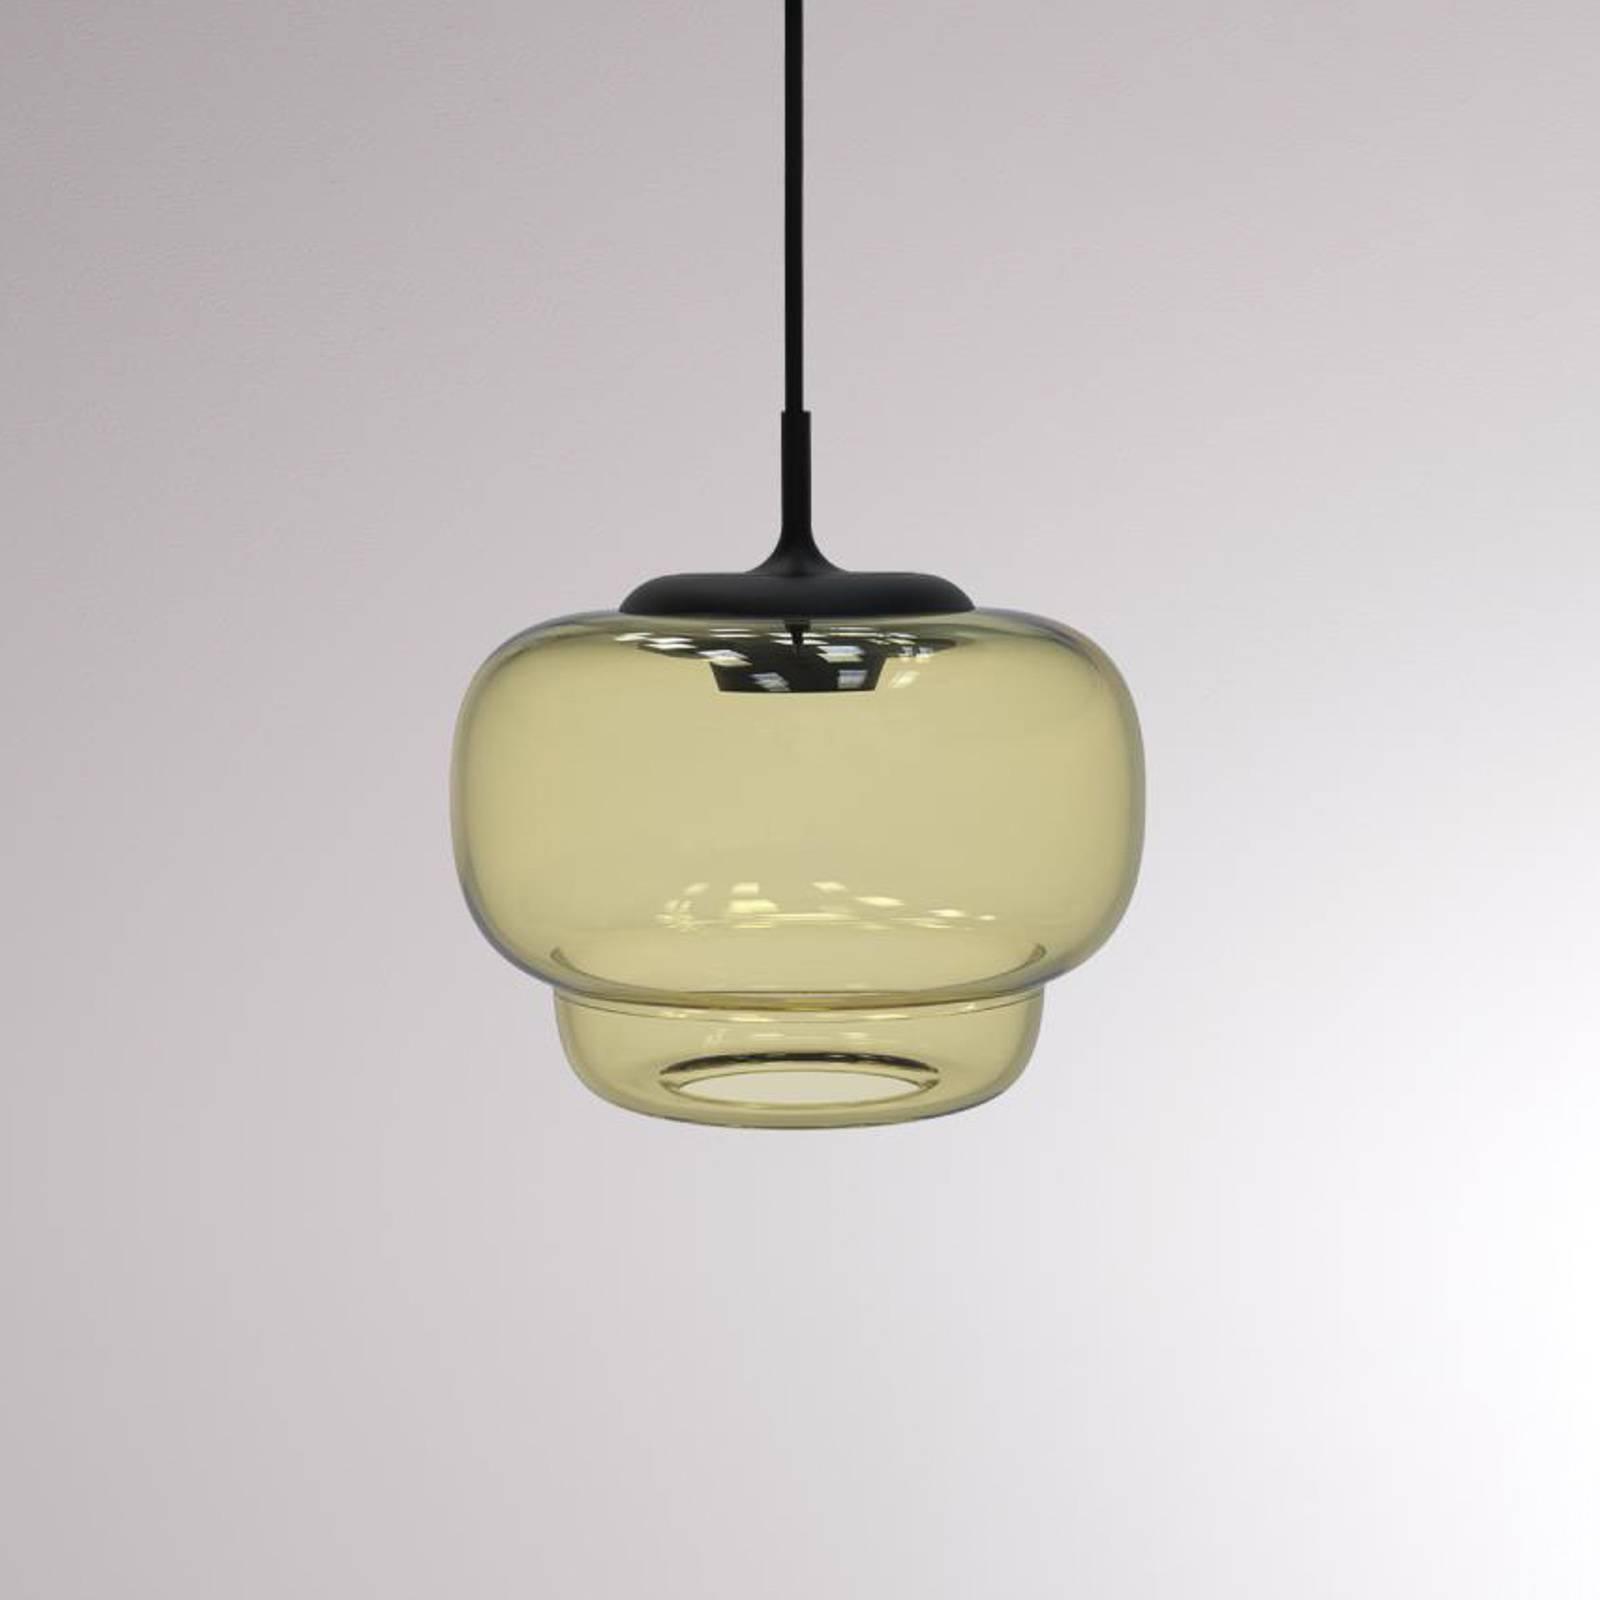 LOUM Canna suspension LED Ø 21 cm champagne